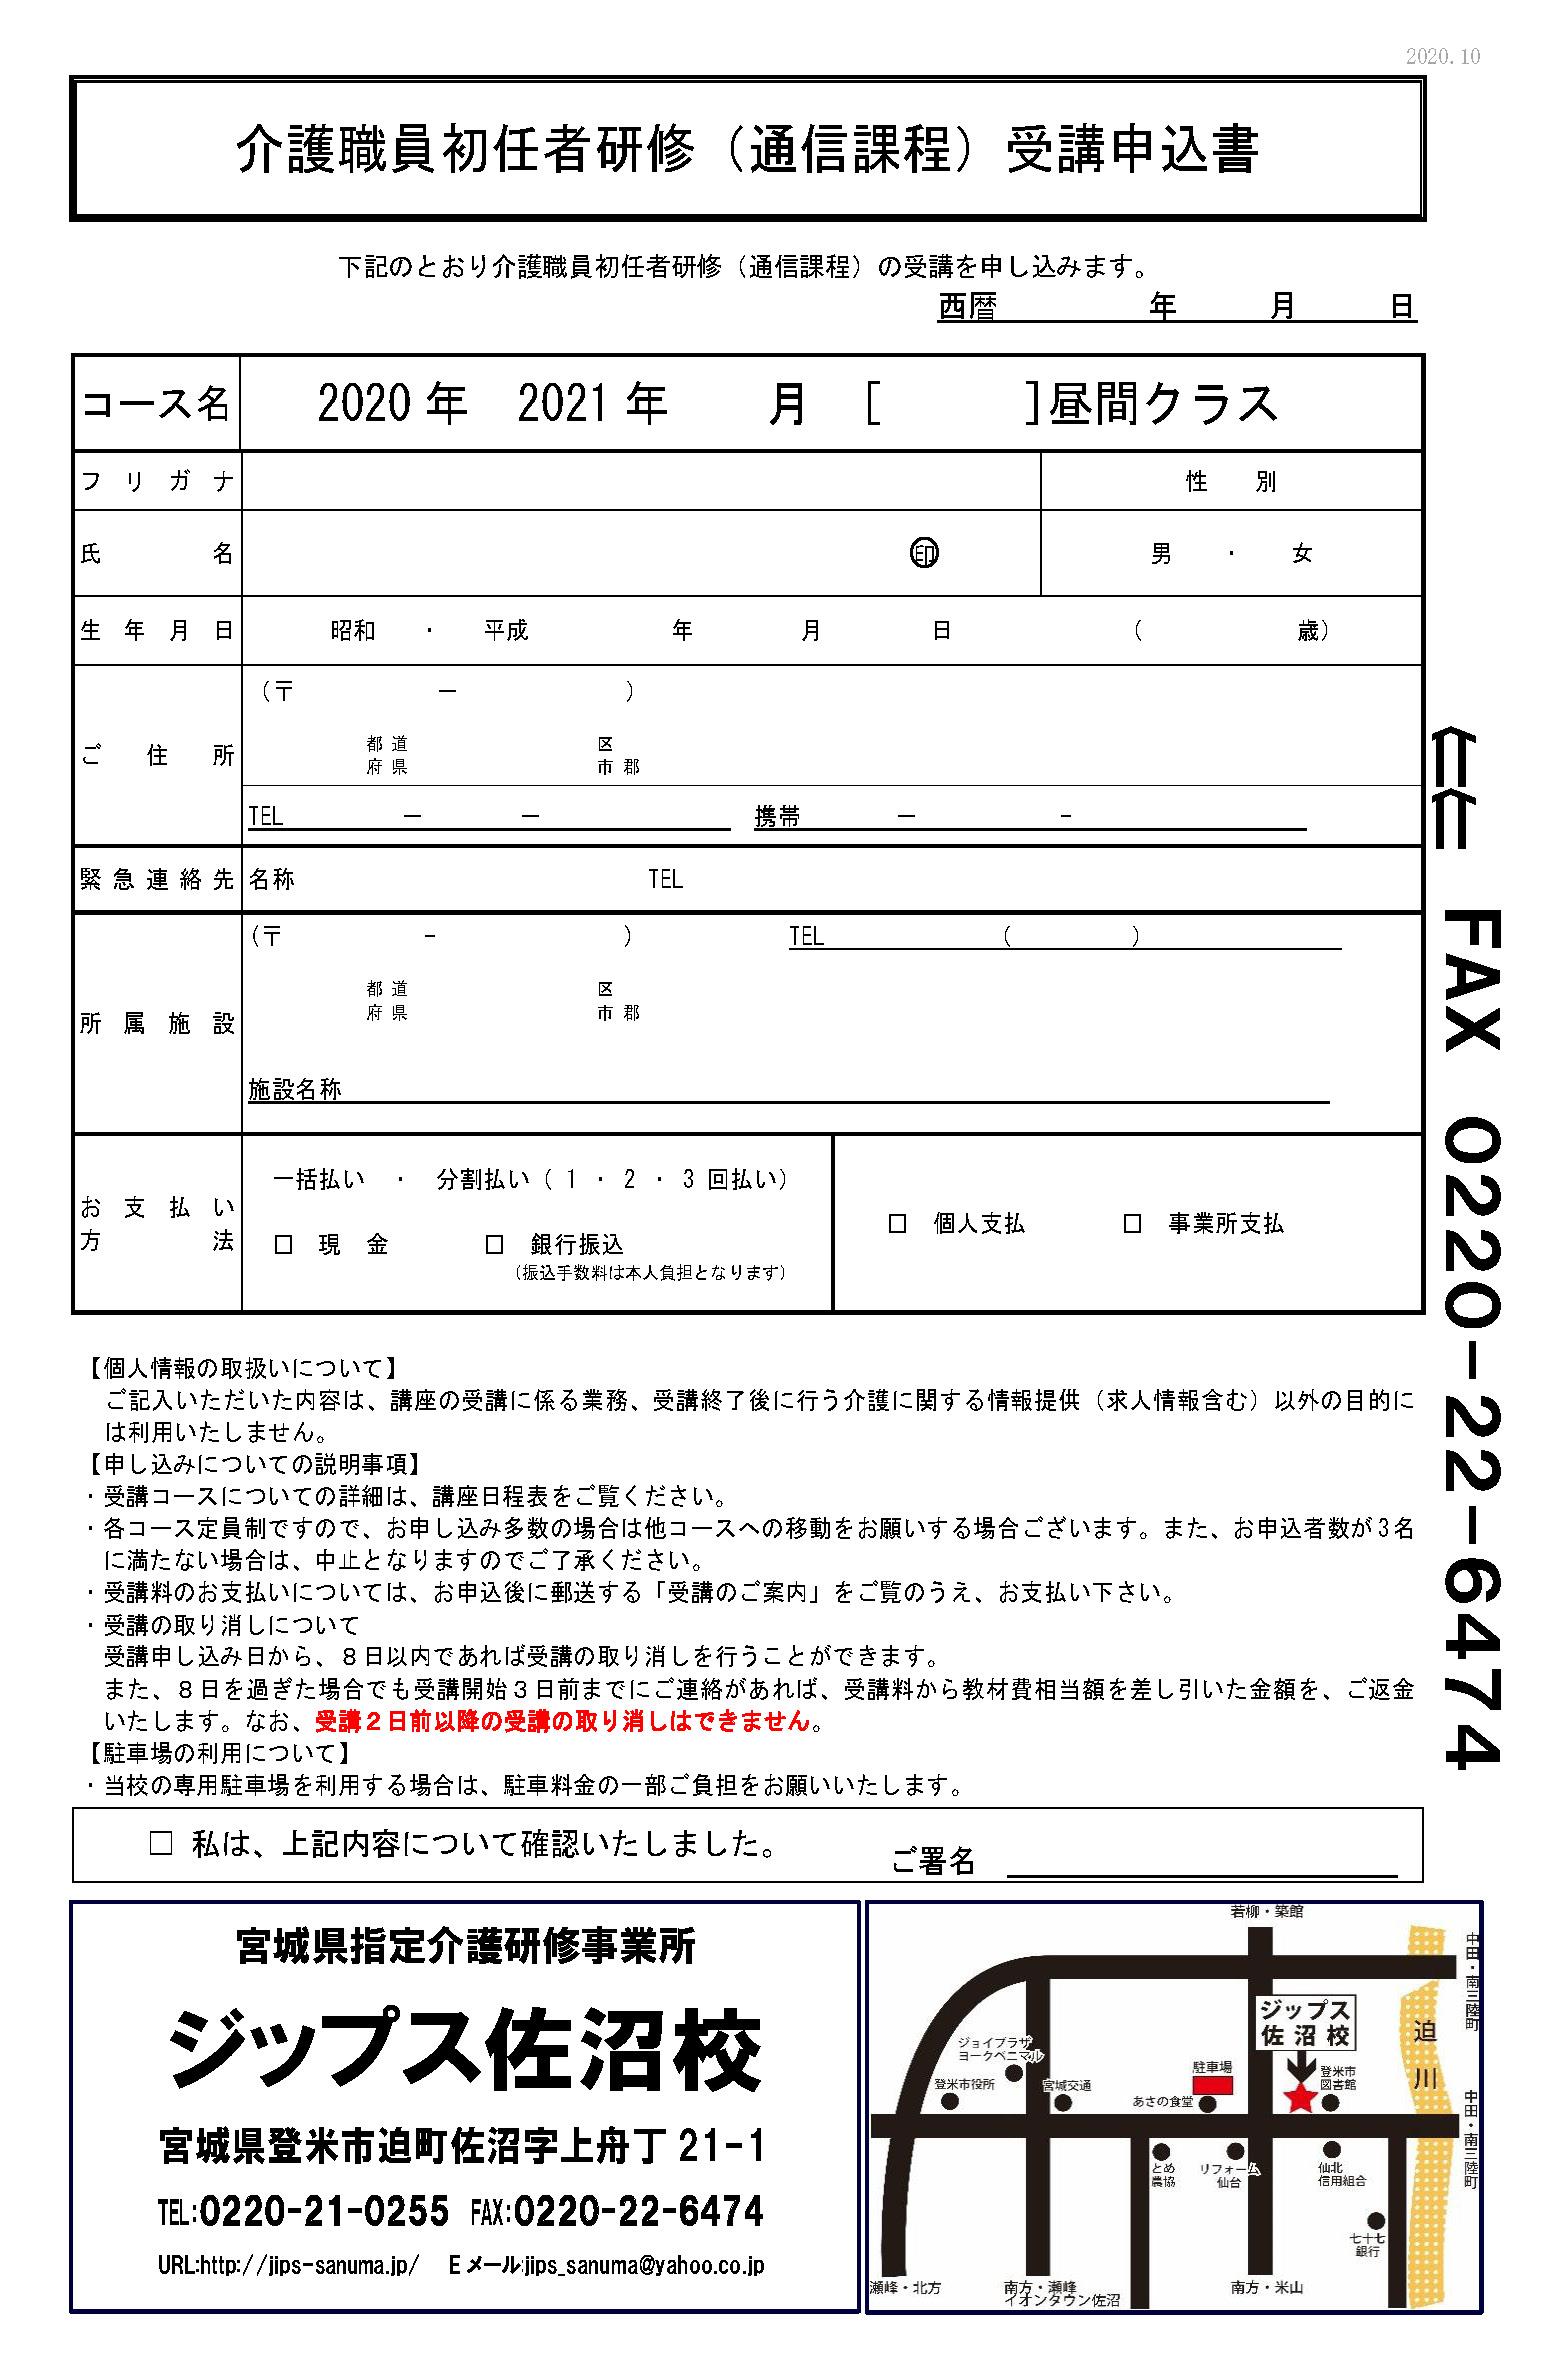 初任者研修募集チラシ2020年11月-2021年1月_ページ_2